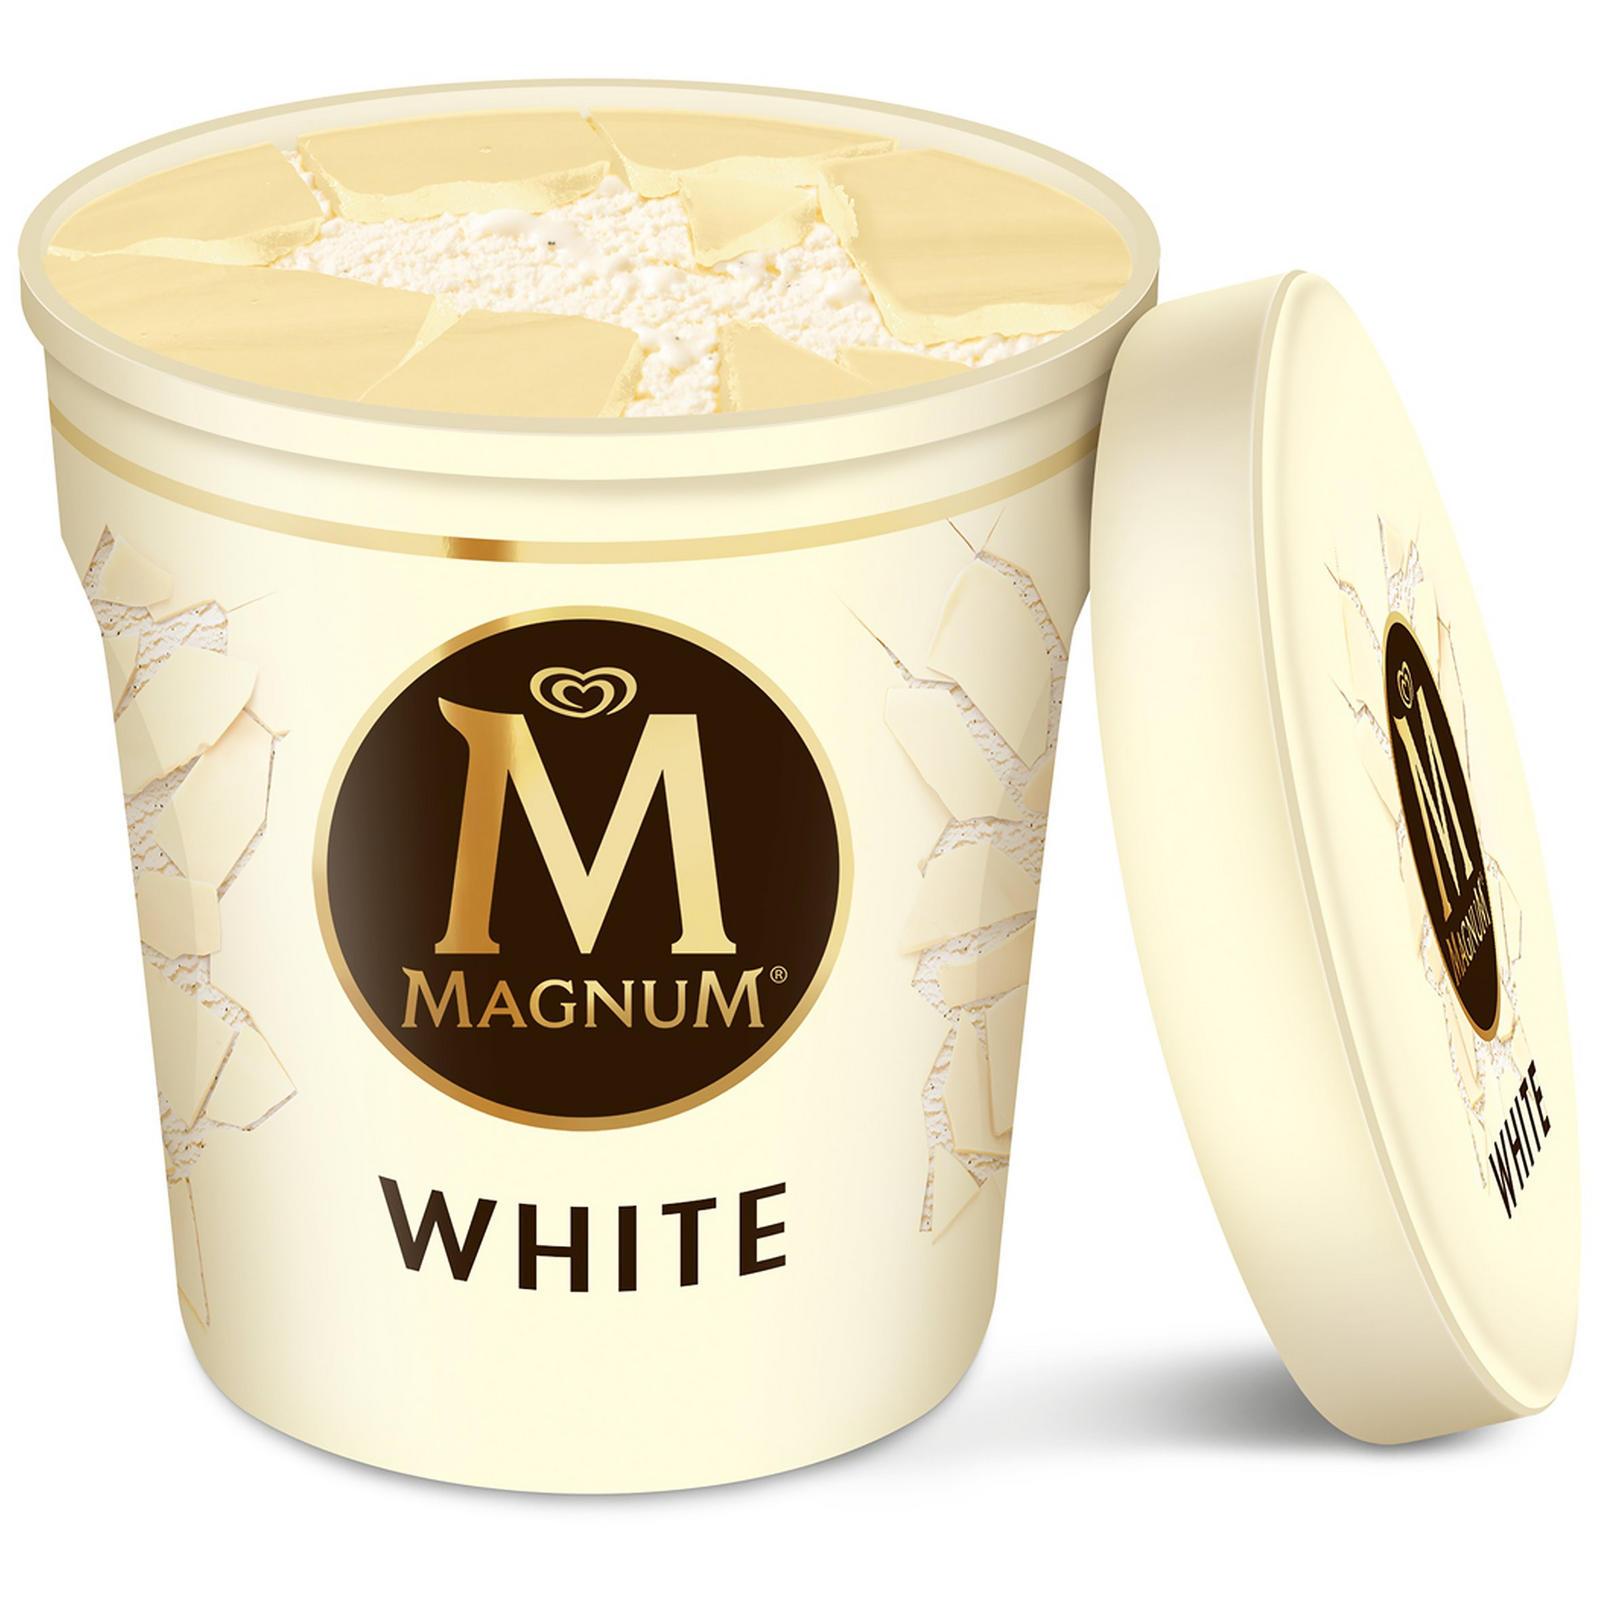 MAGNUM WHITE CHOC